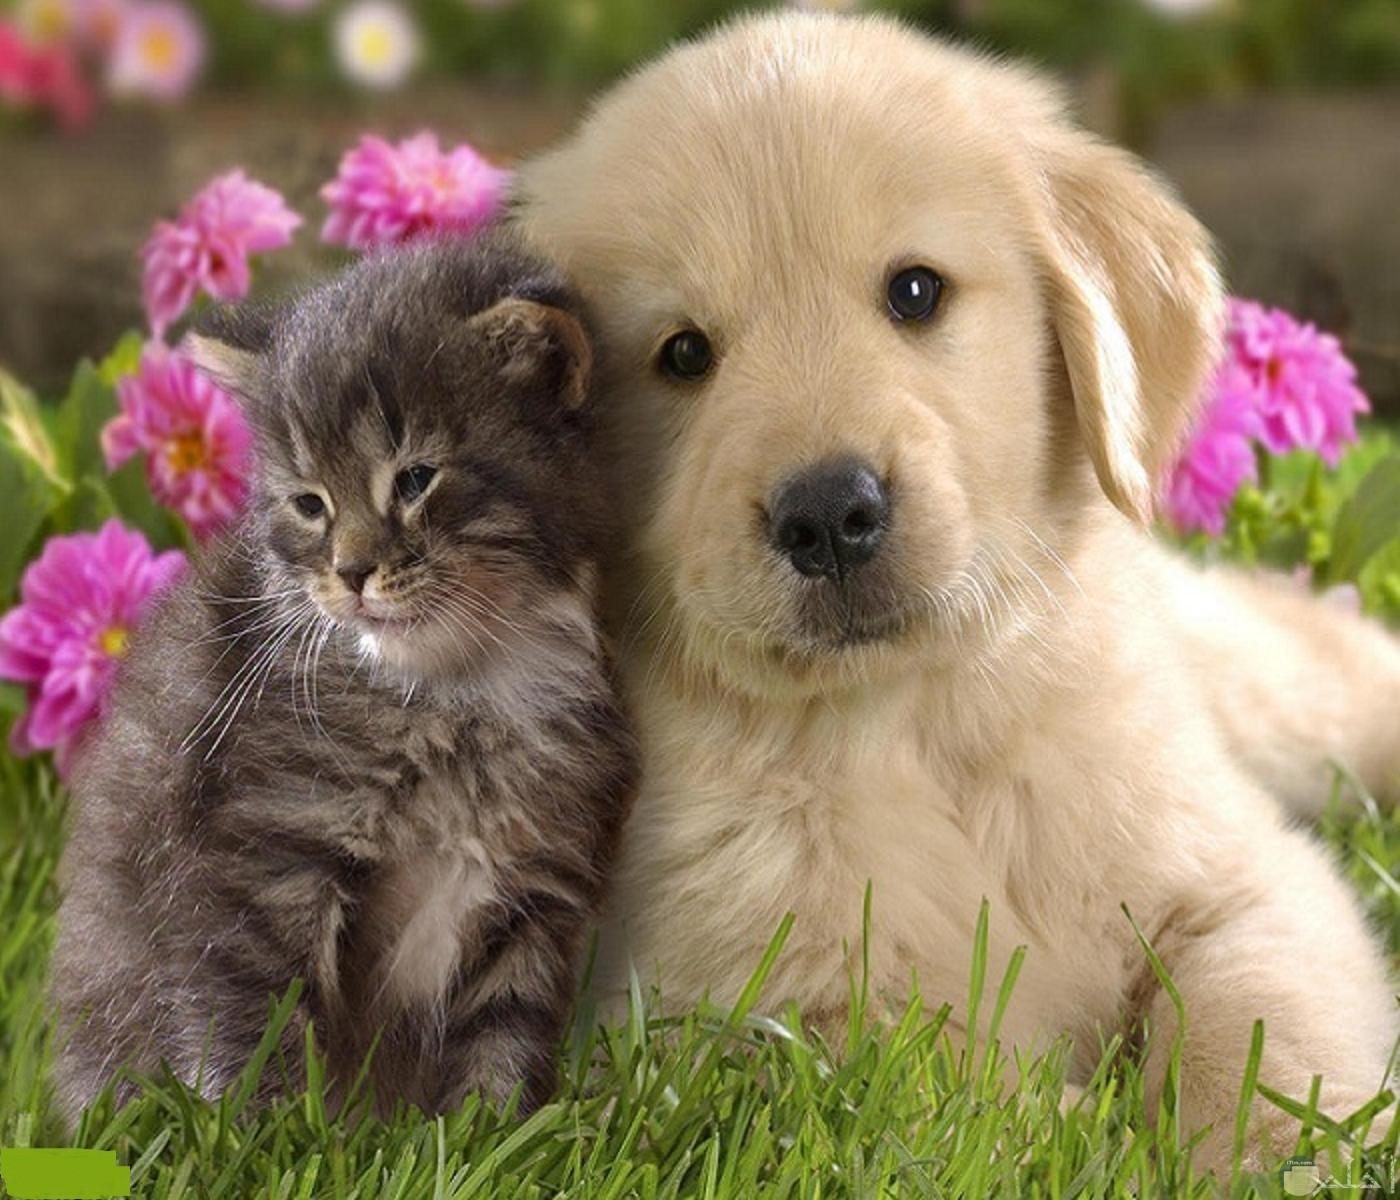 صورة تجمع بين قط و كلب صغير.